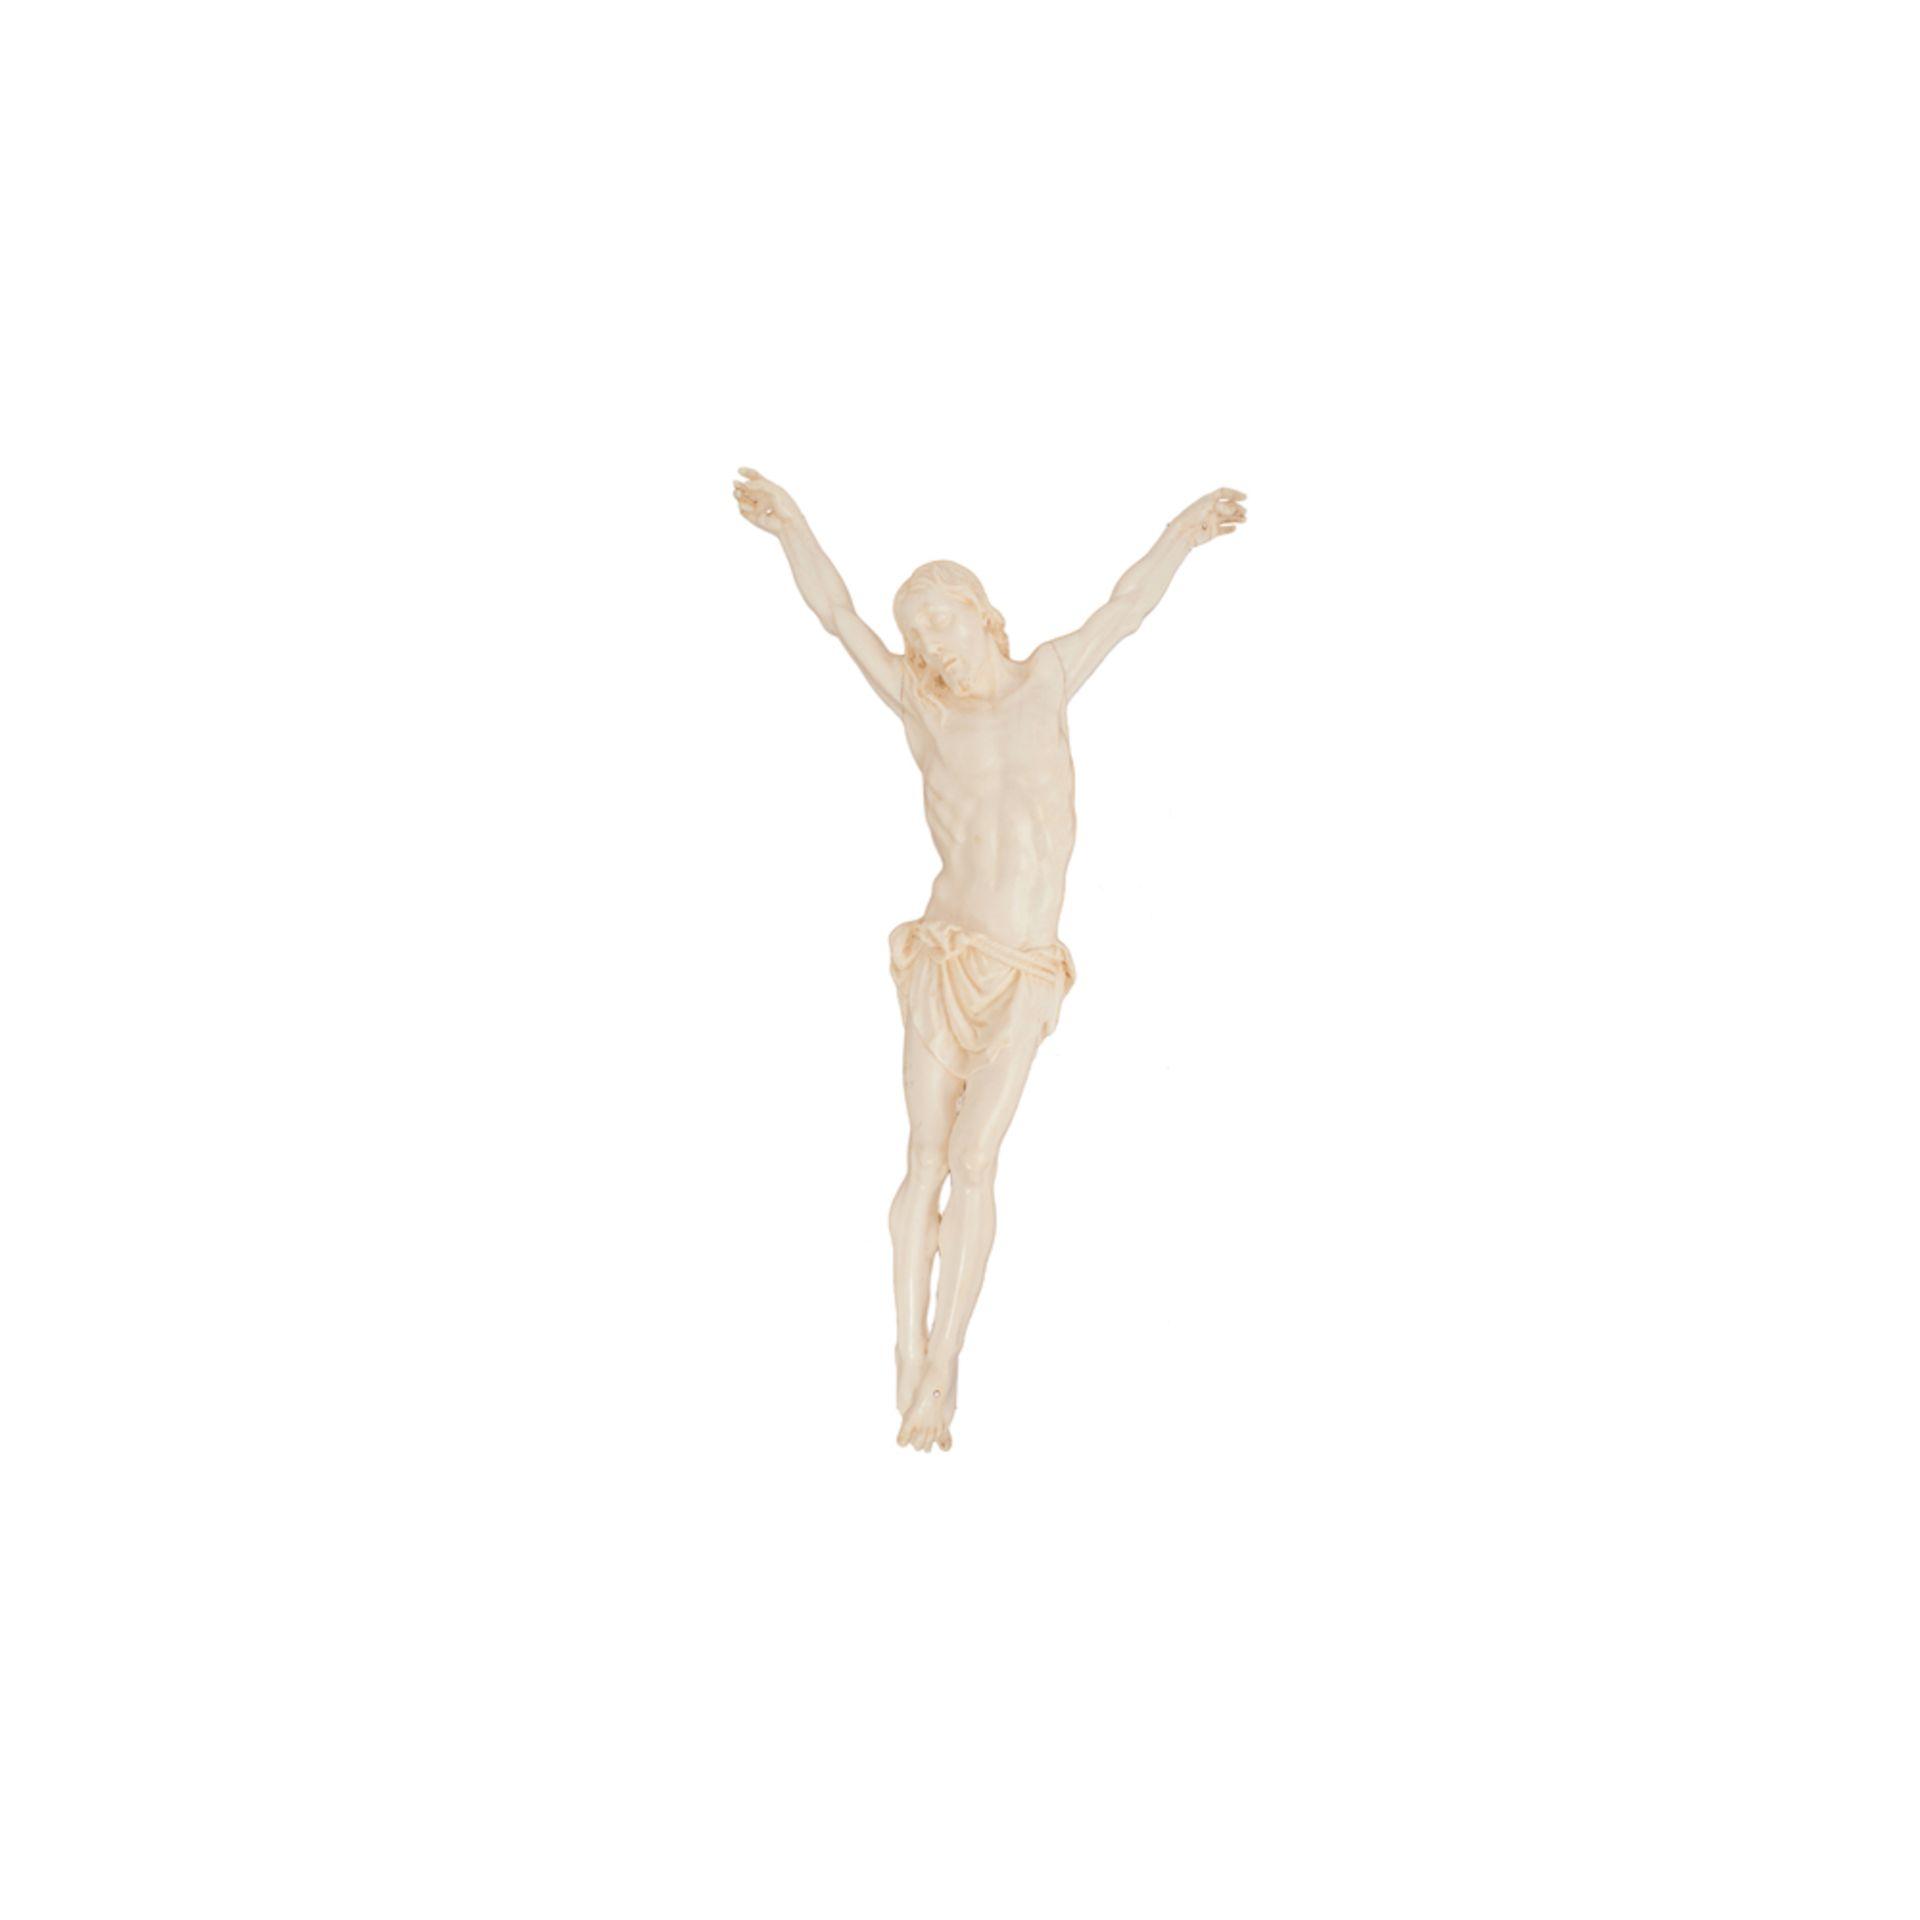 Los 8 - Escuela francesa, s.XIX. Cristo crucificado. Escultura en marfil tallado.